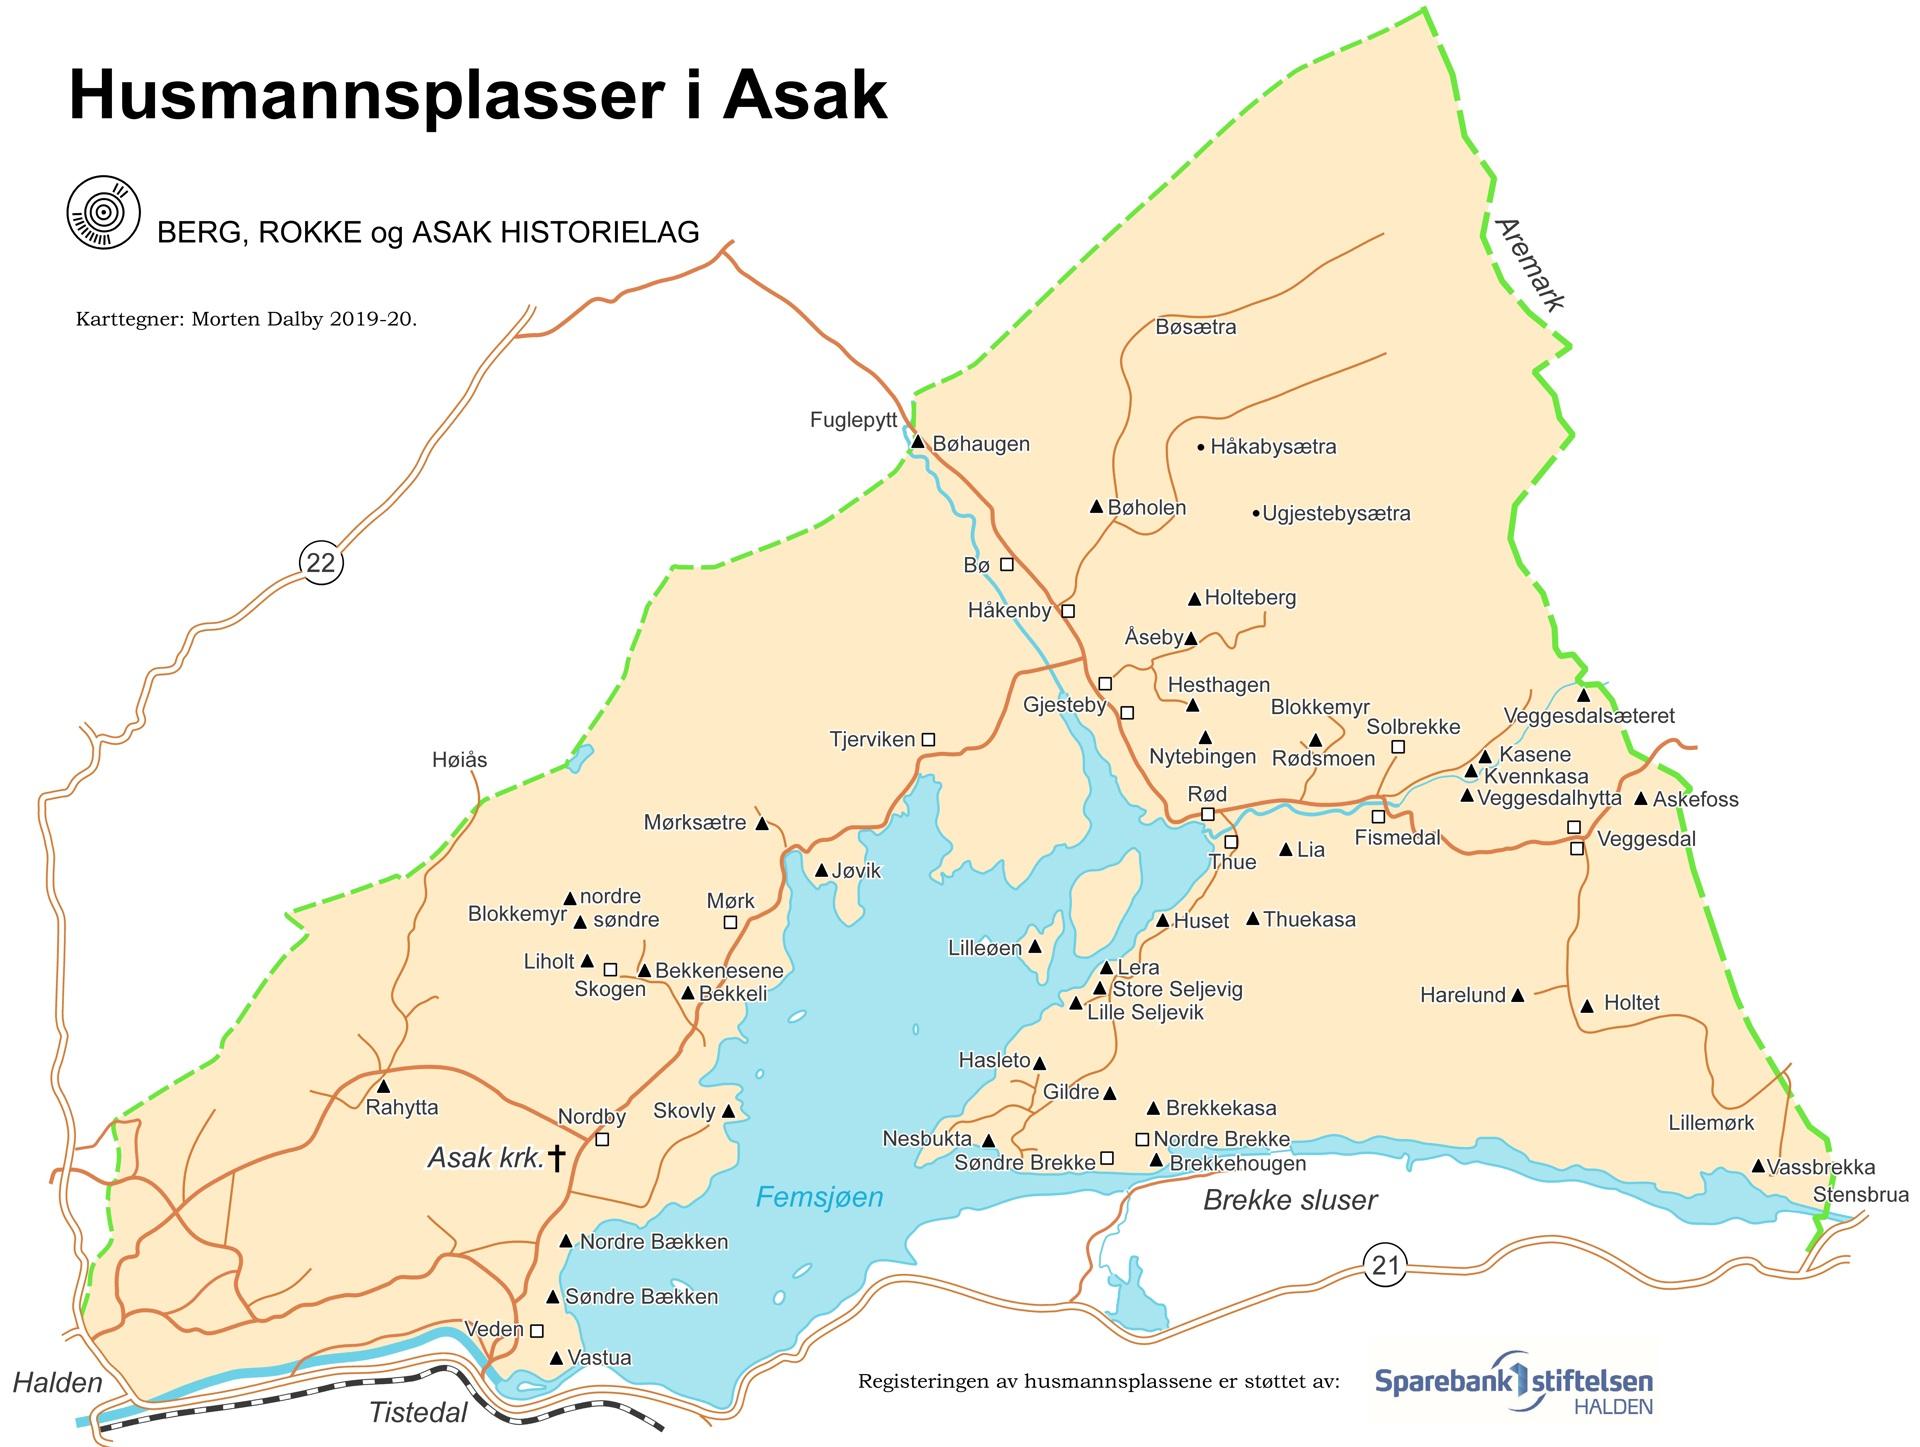 Oversiktskart Hmpl i Asak 2020 0424.jpg